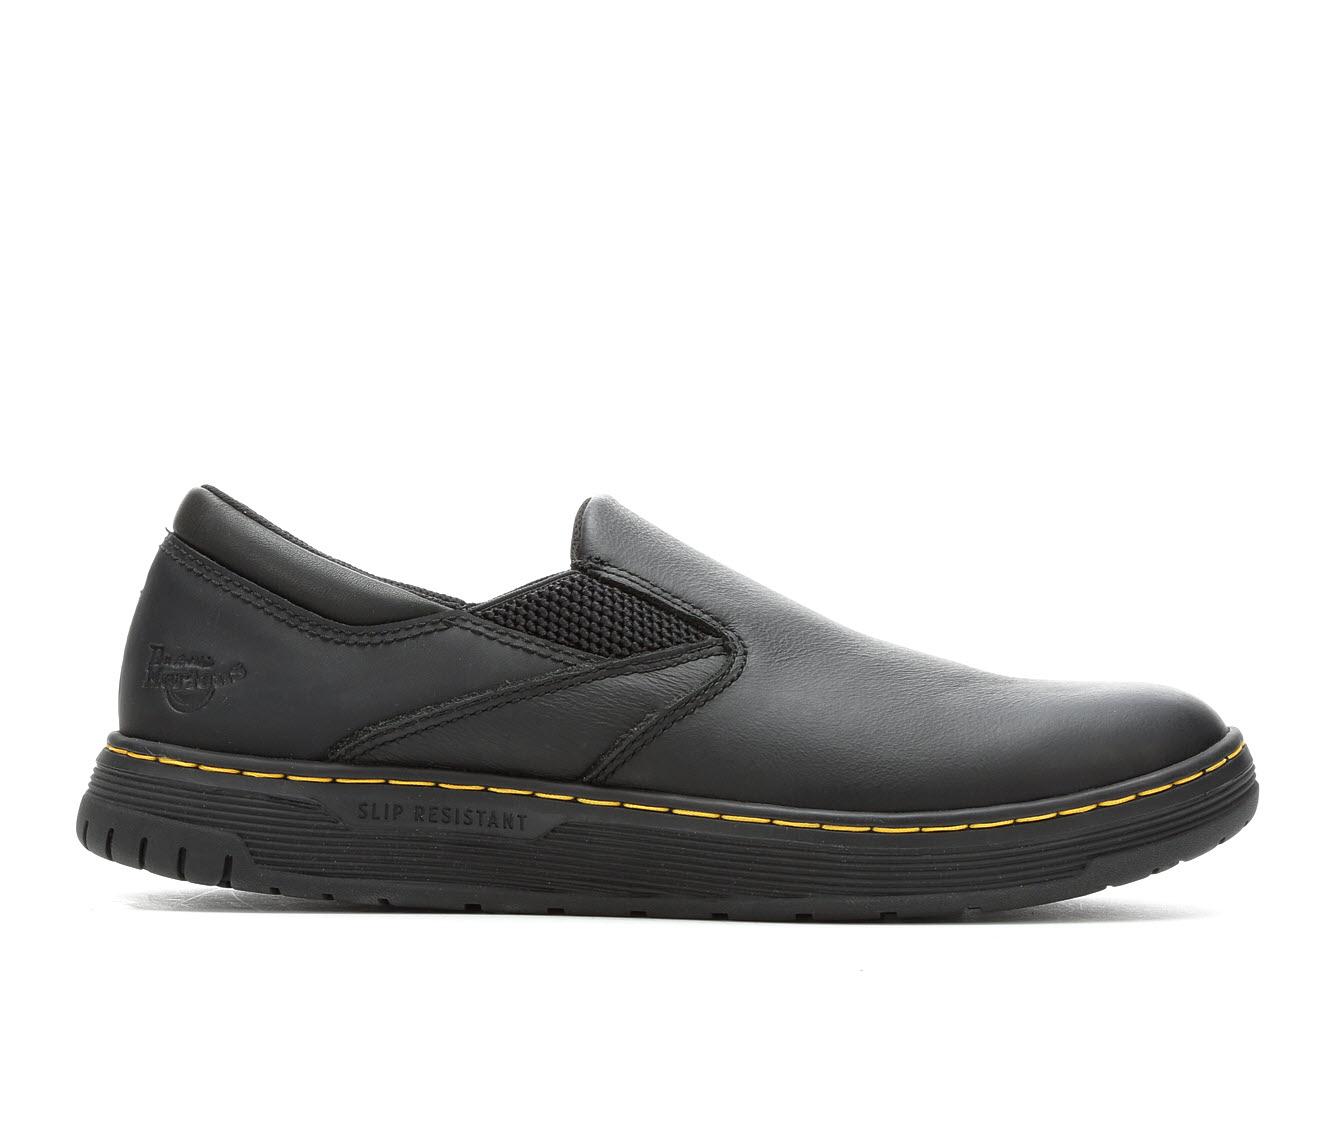 Dr. Martens Industrial Brockley Slip Resistant Men's Boots (Black Leather)